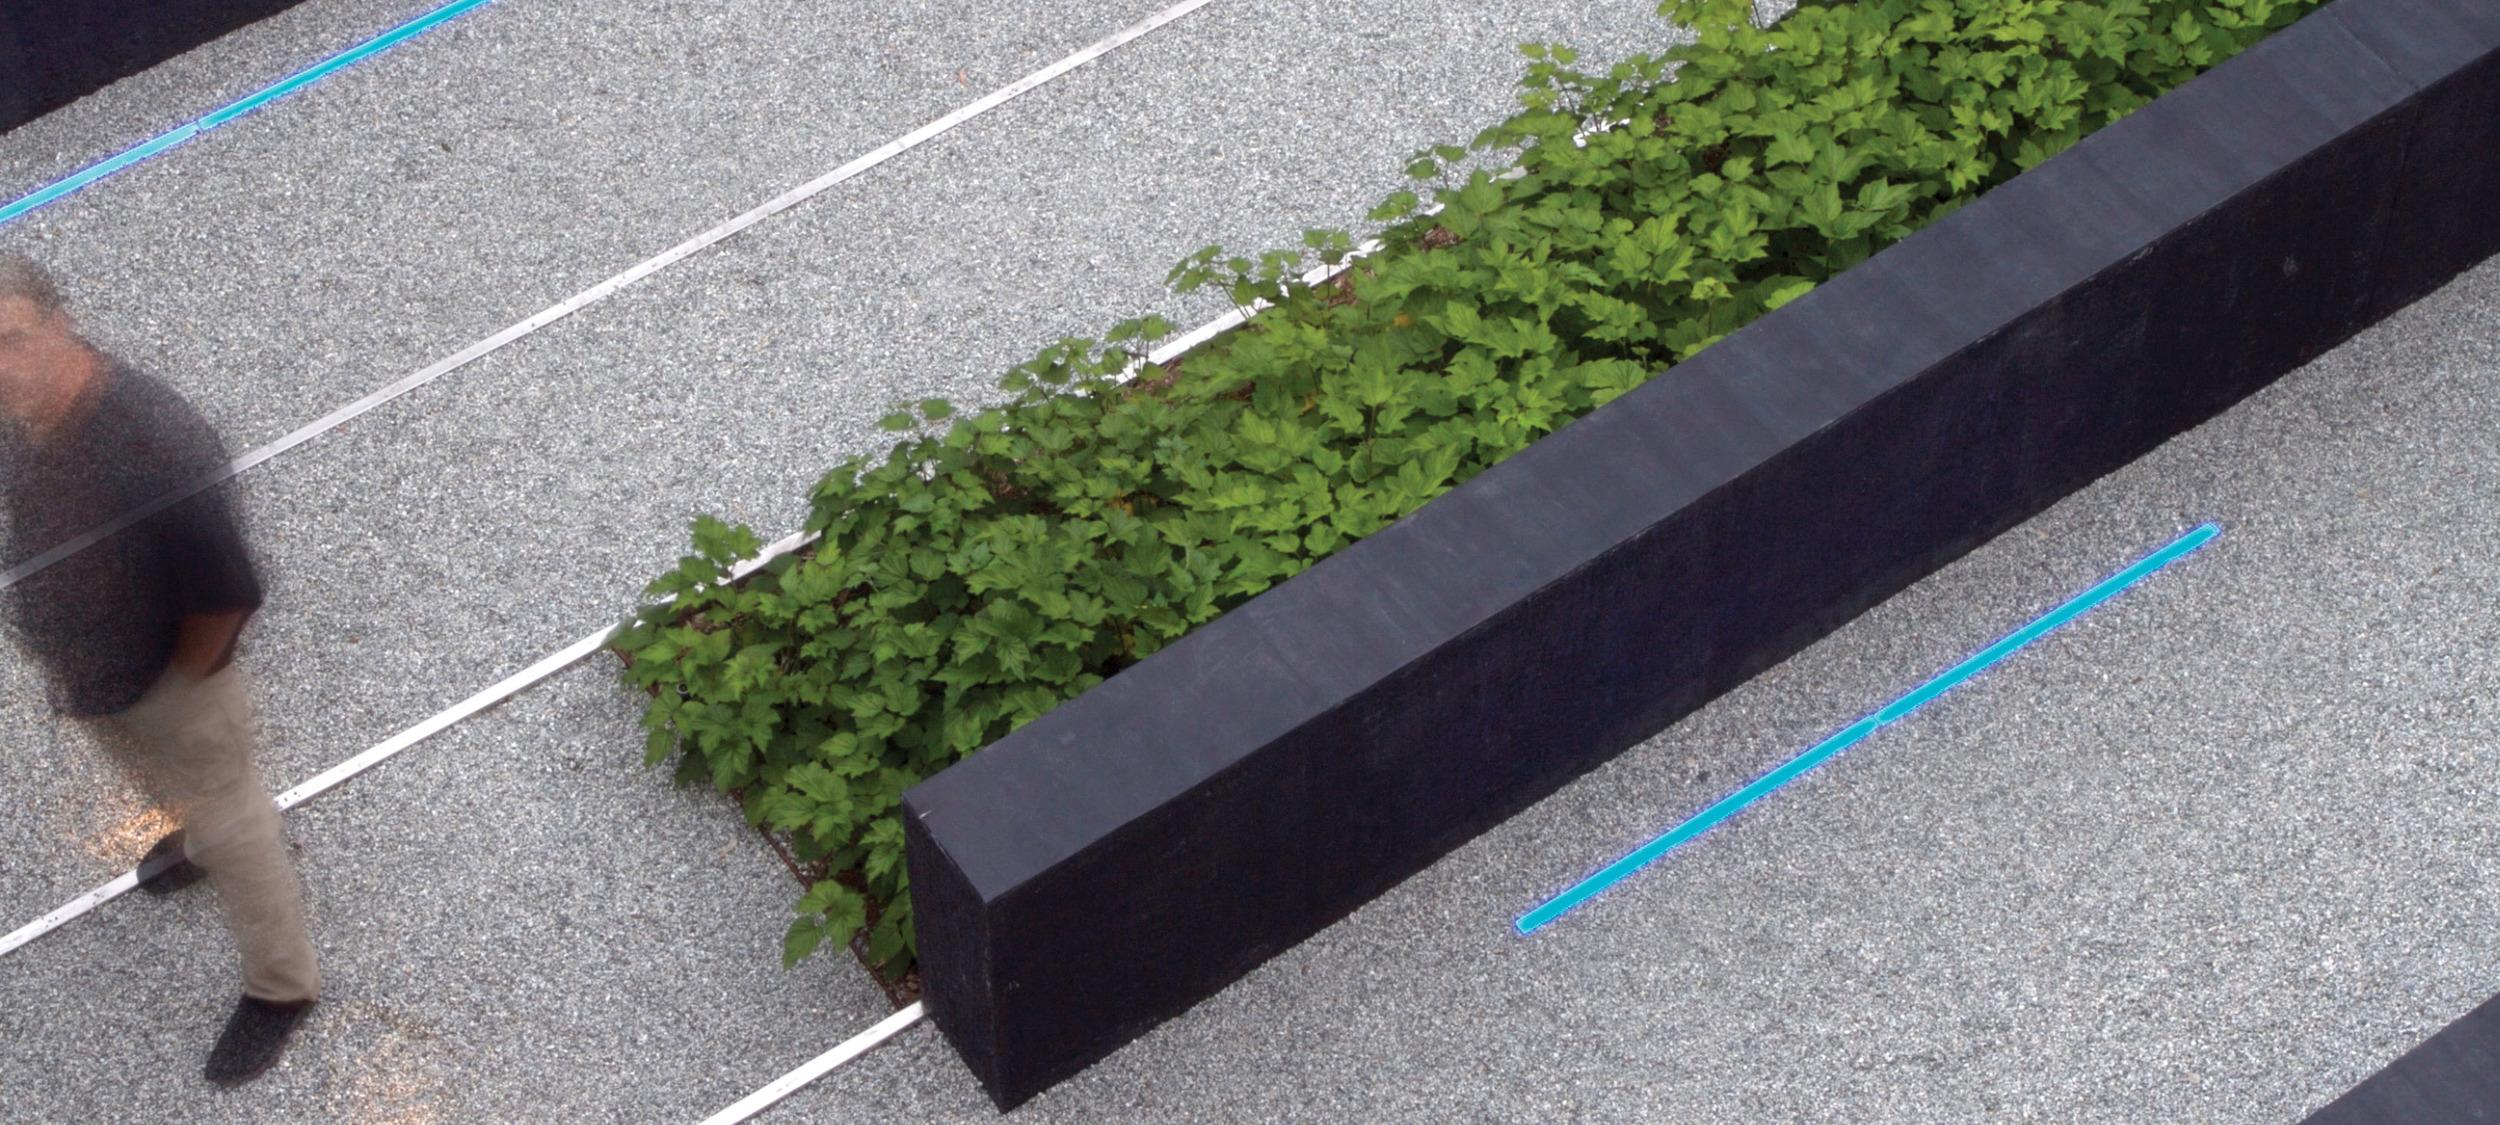 andrea cochran muurtje in zwart beton gecombineerd met groene planten